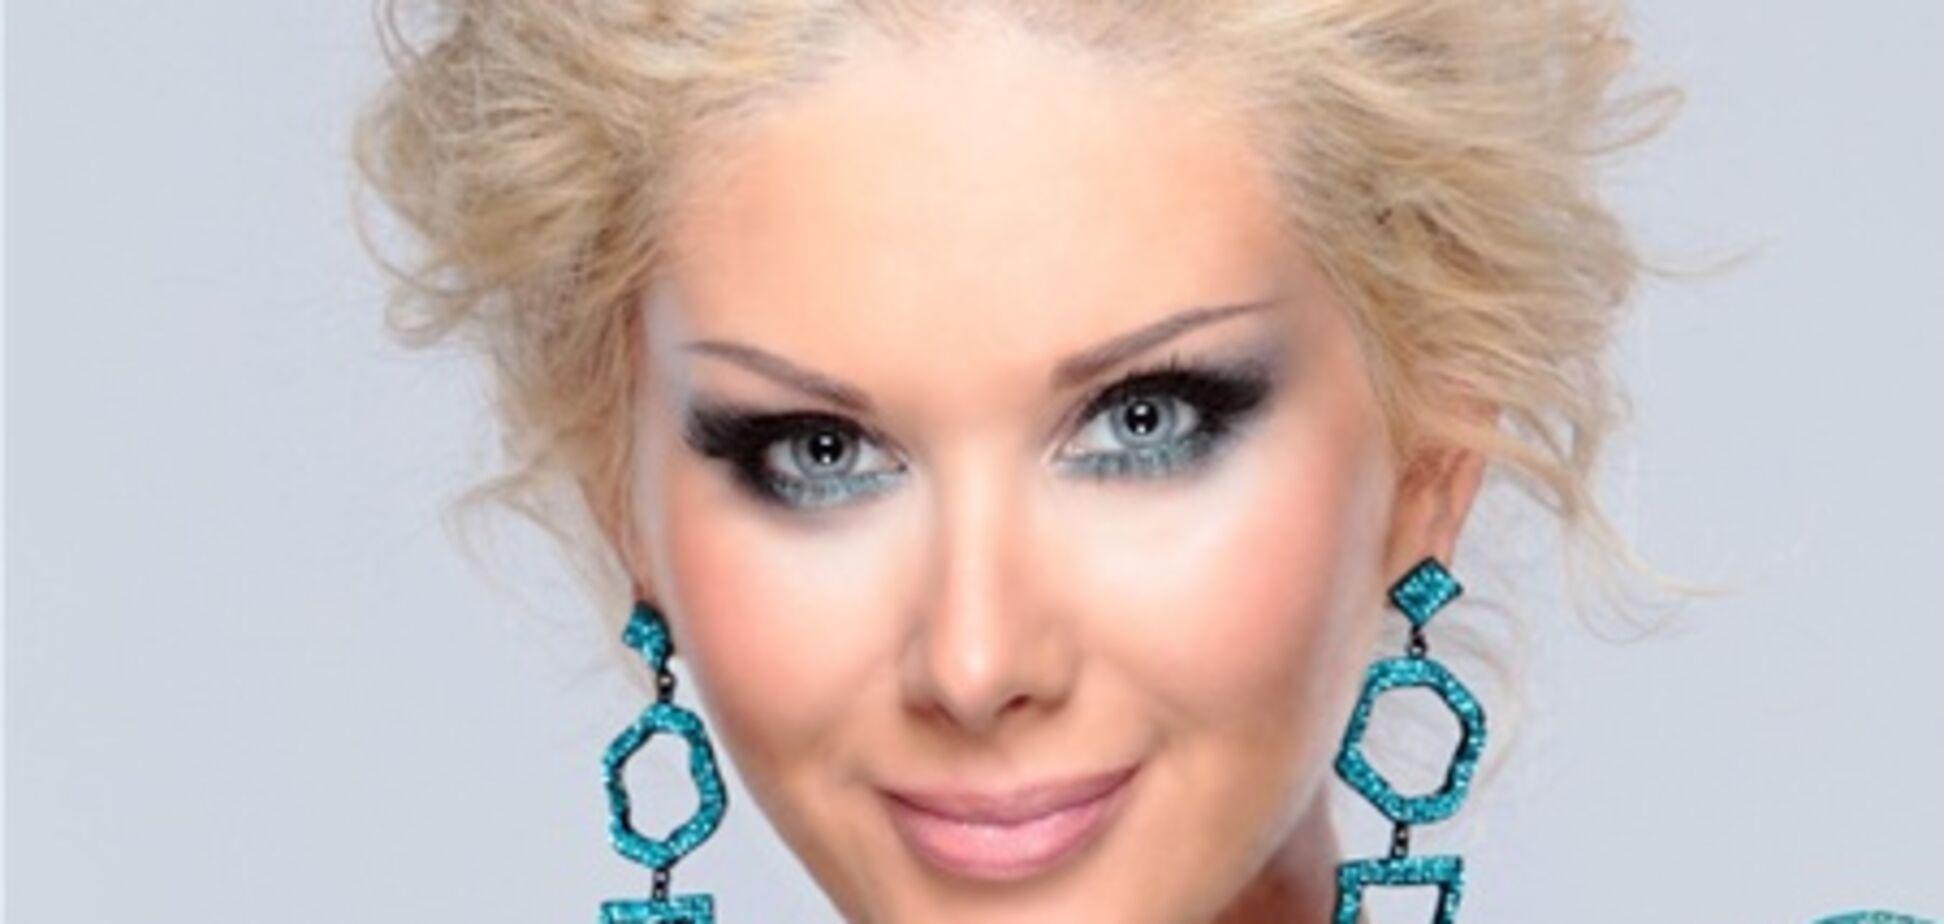 Бужинская рассказала, почему блондинки умнее брюнеток